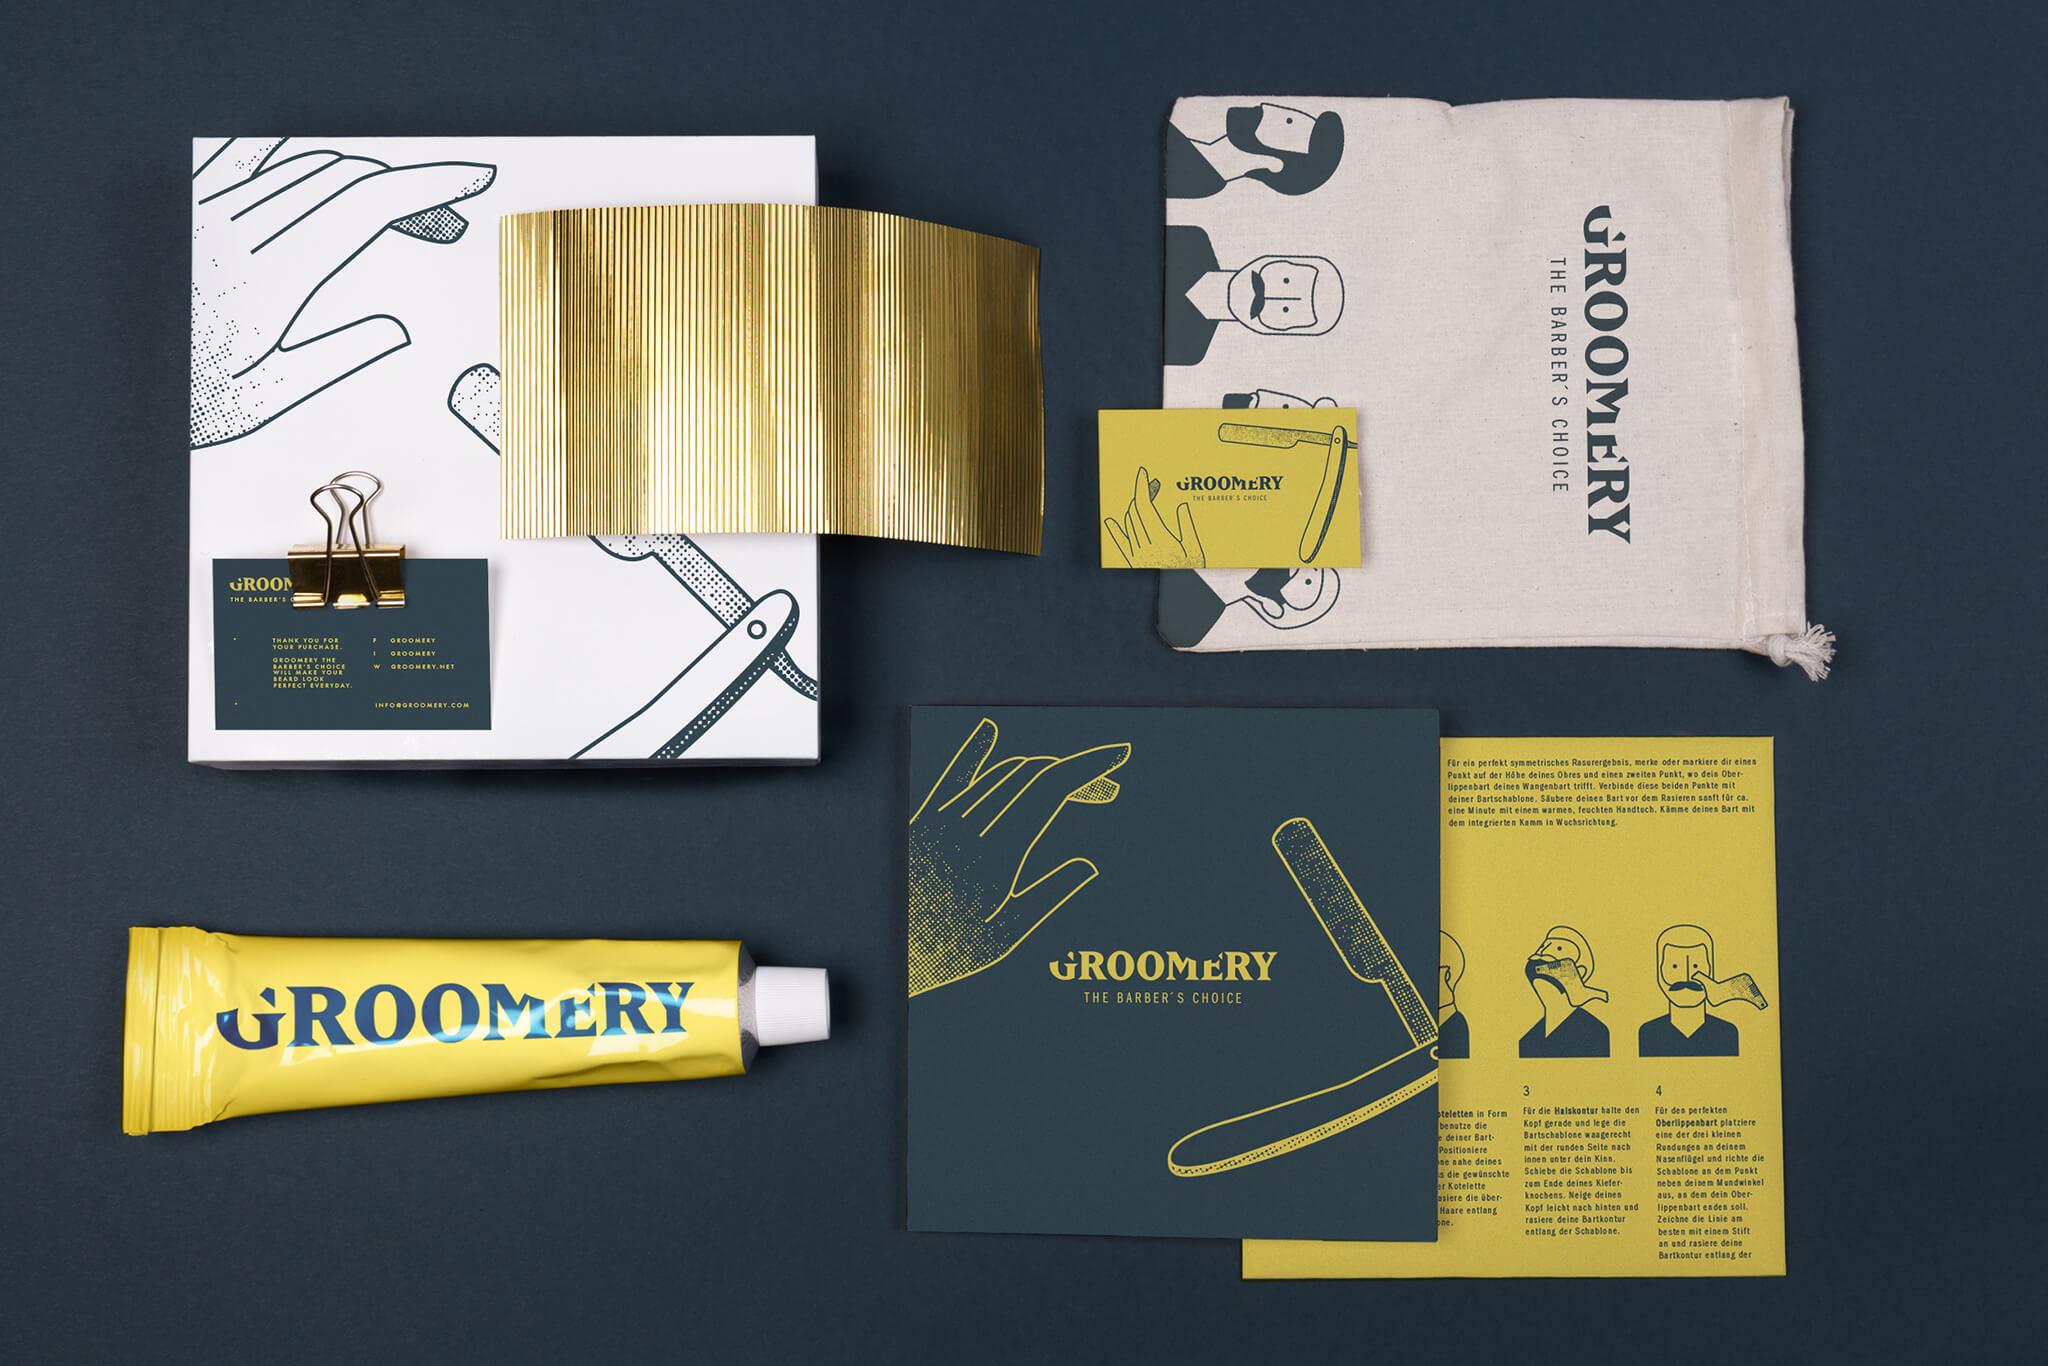 Groomery-branding-packaging-4_k